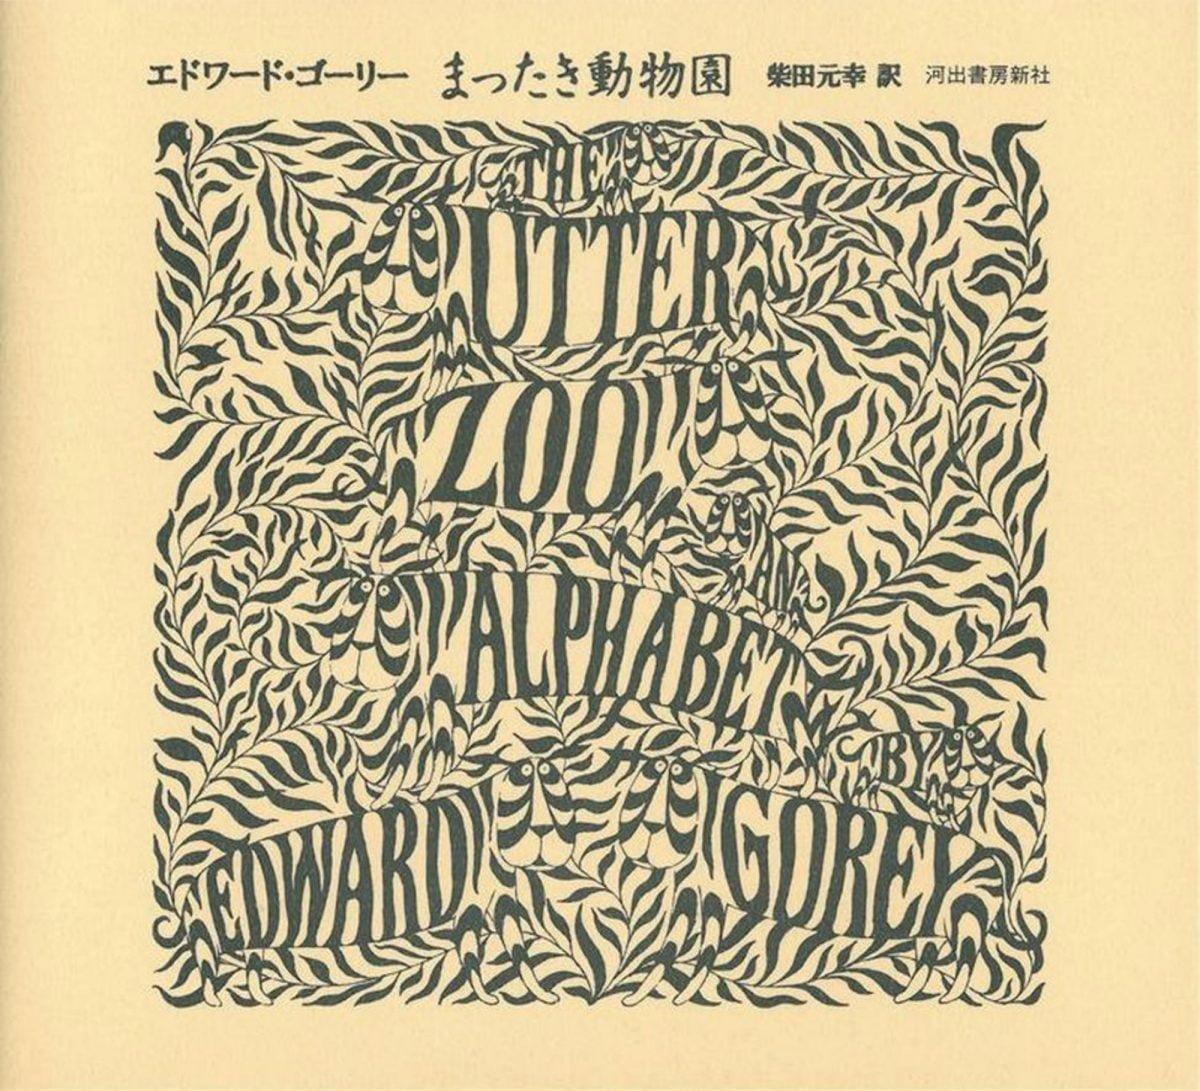 絵本「まったき動物園」の表紙